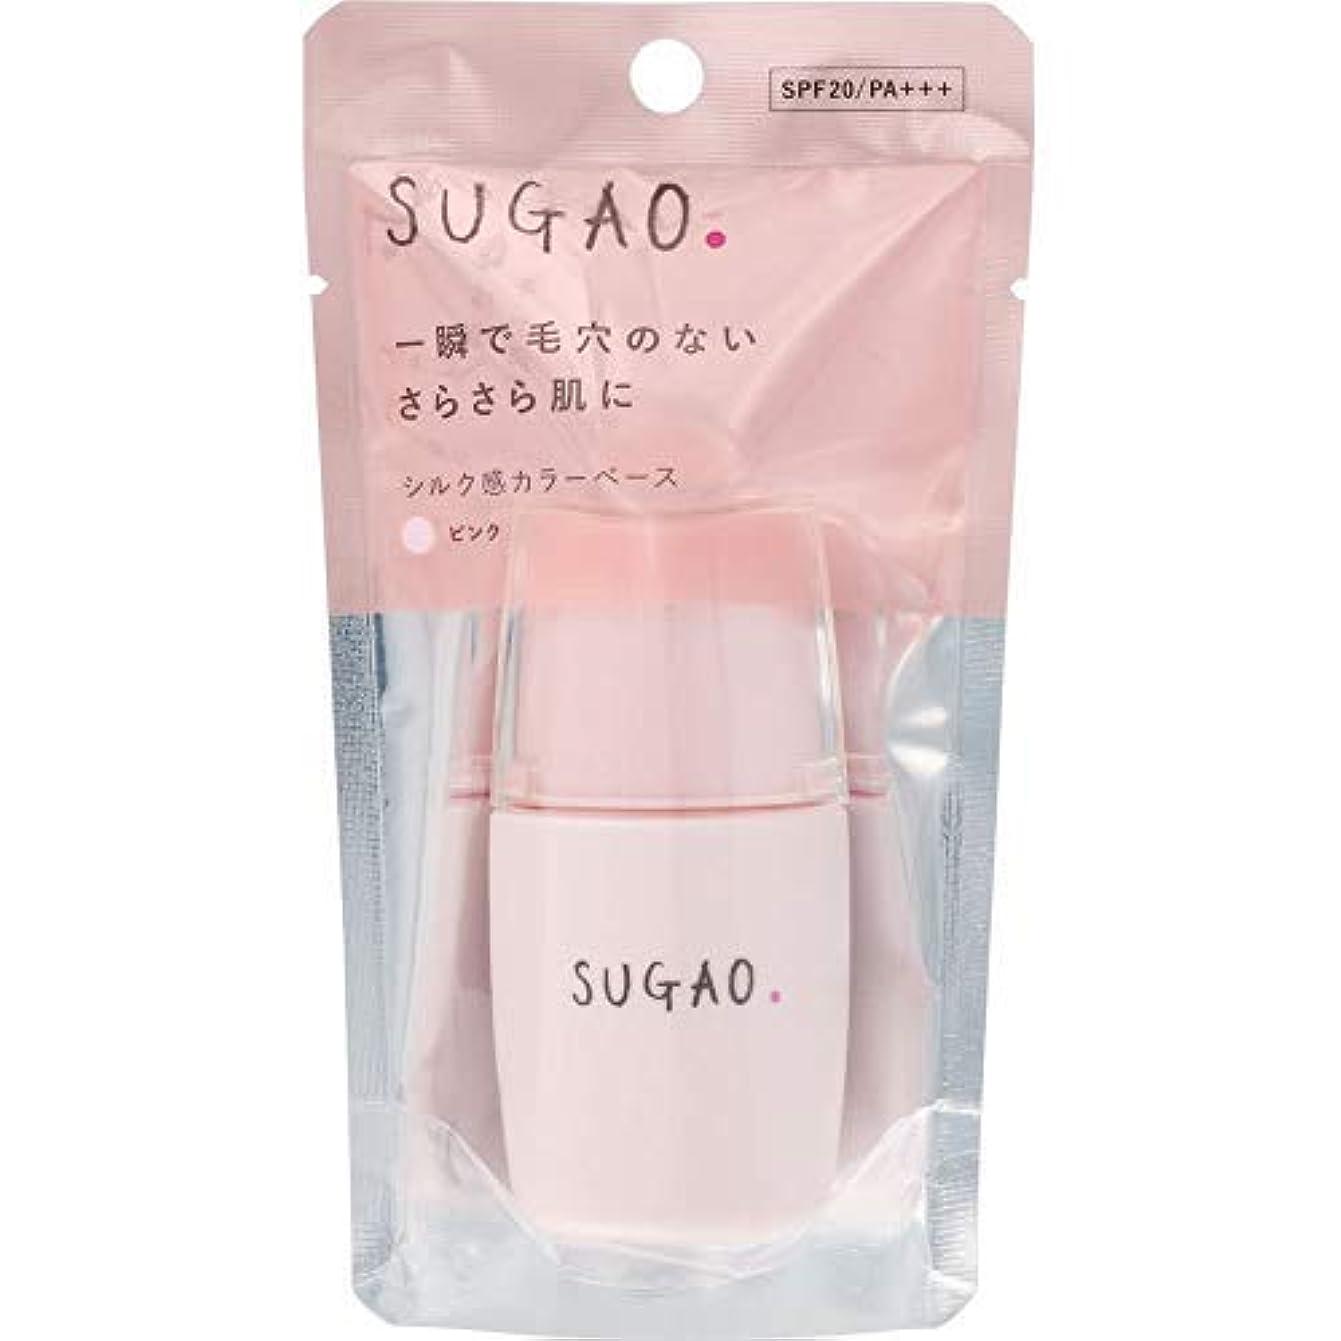 ハードリング迅速微生物SUGAO シルク感カラーベース ピンク × 10個セット